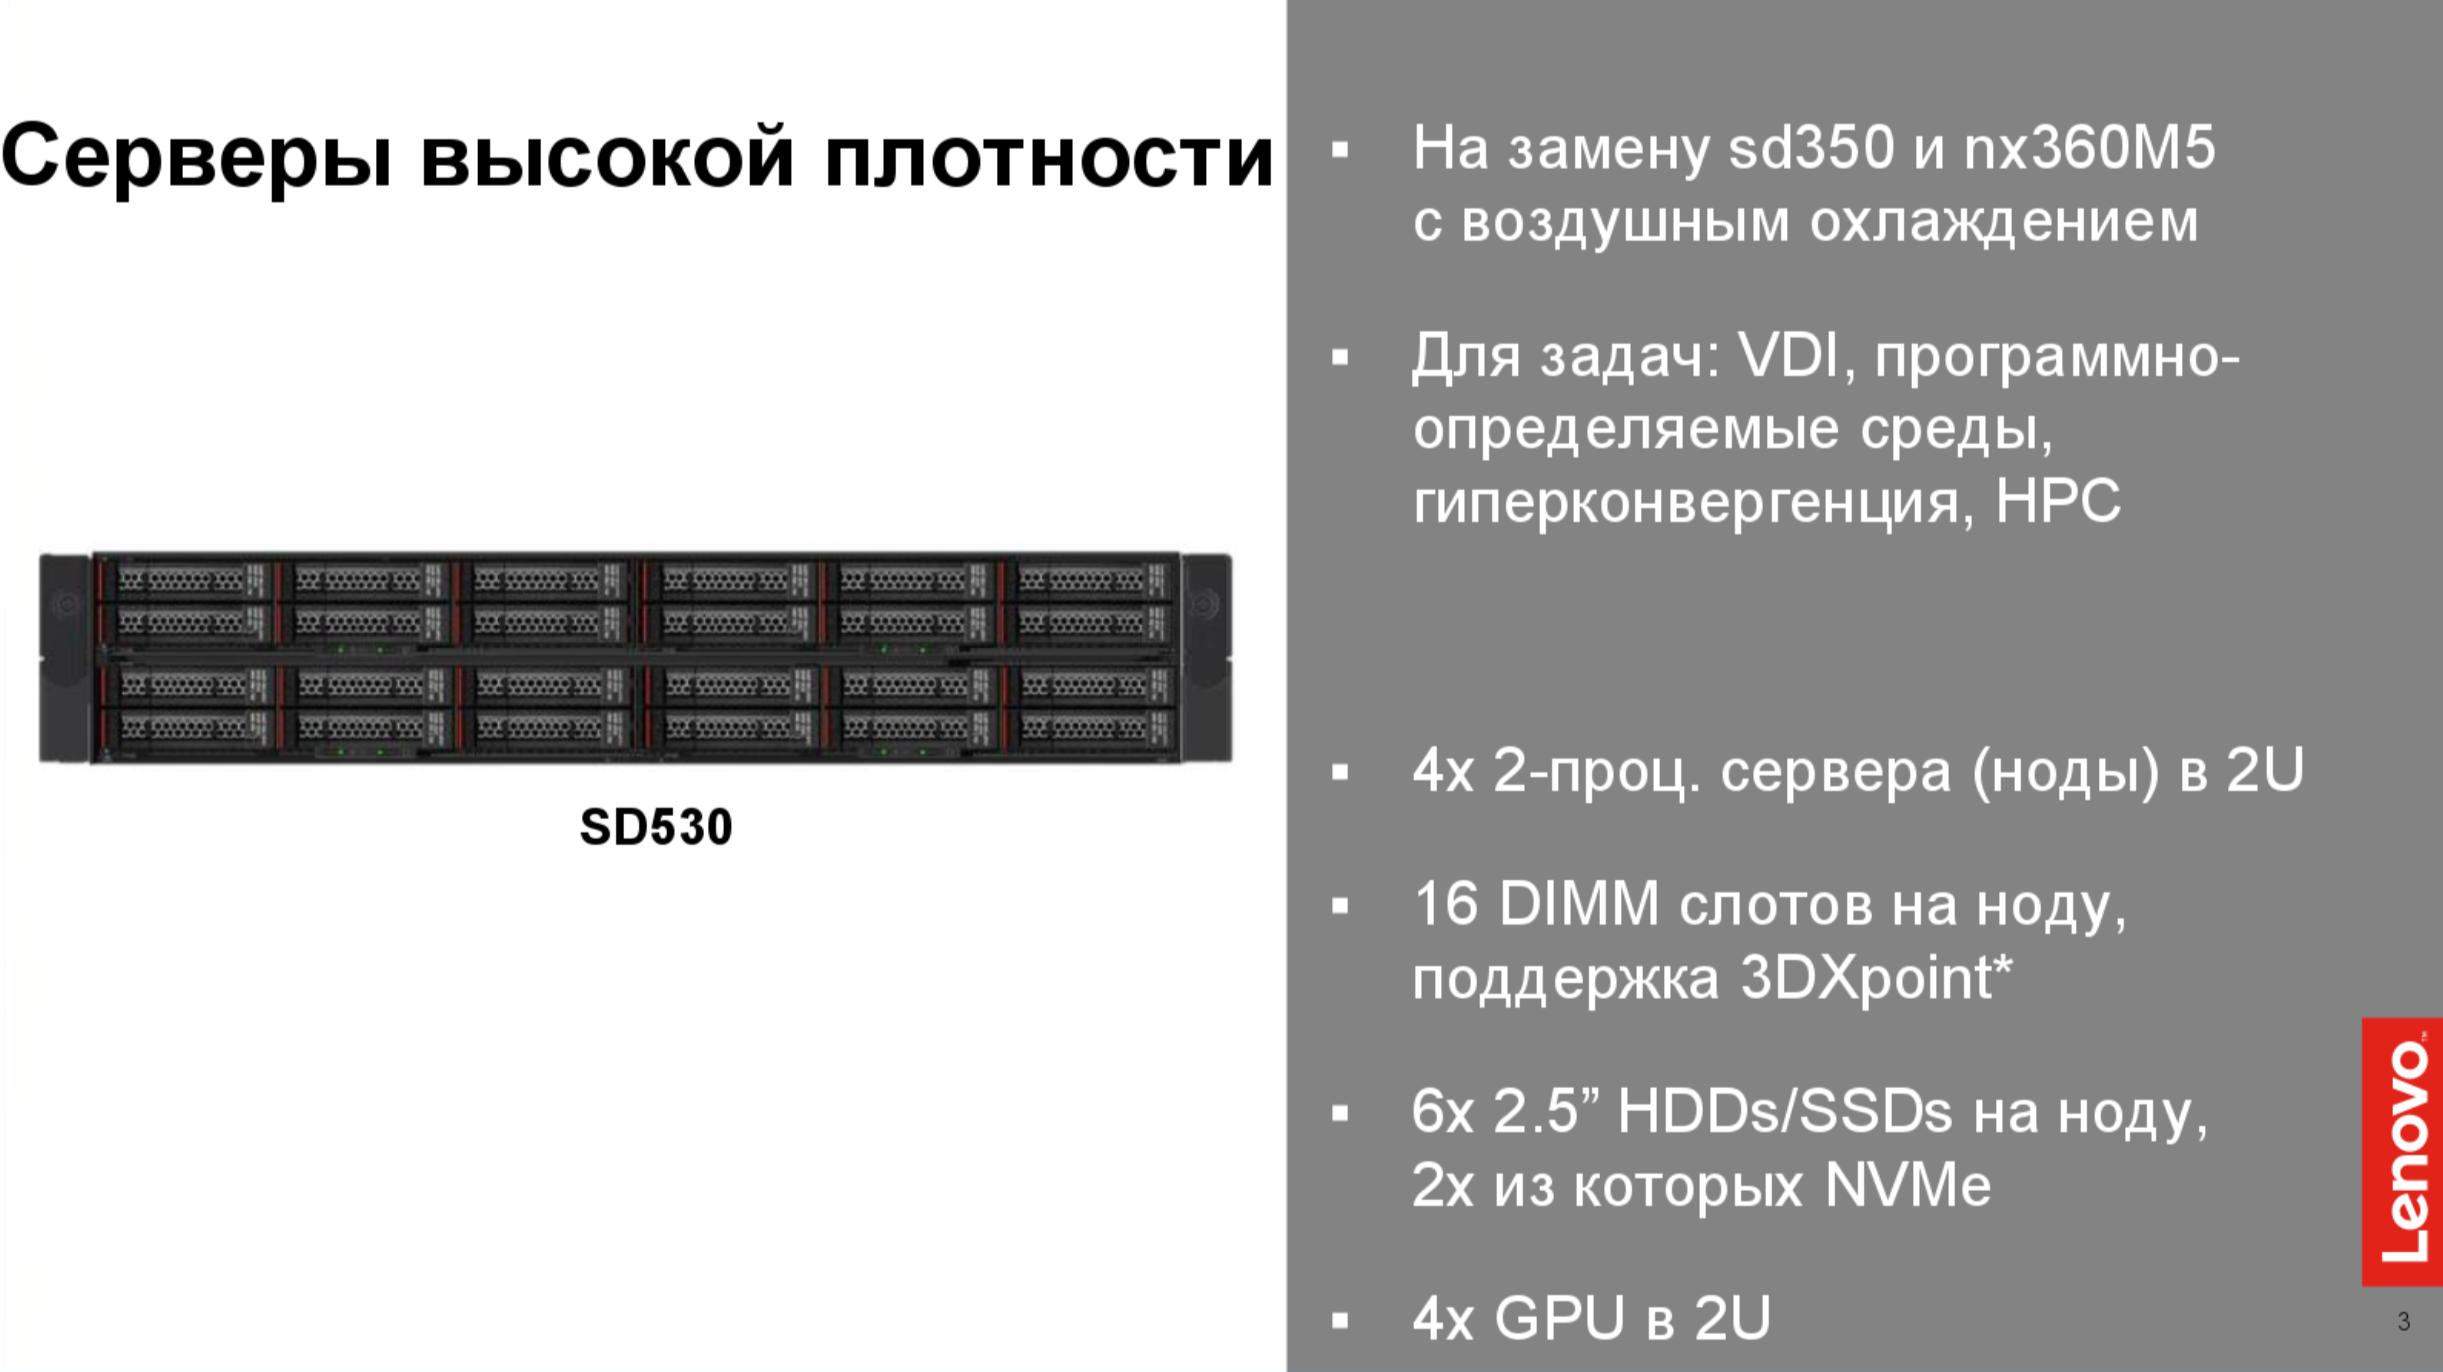 Решения Lenovo для дата-центров. Часть 2 - 12